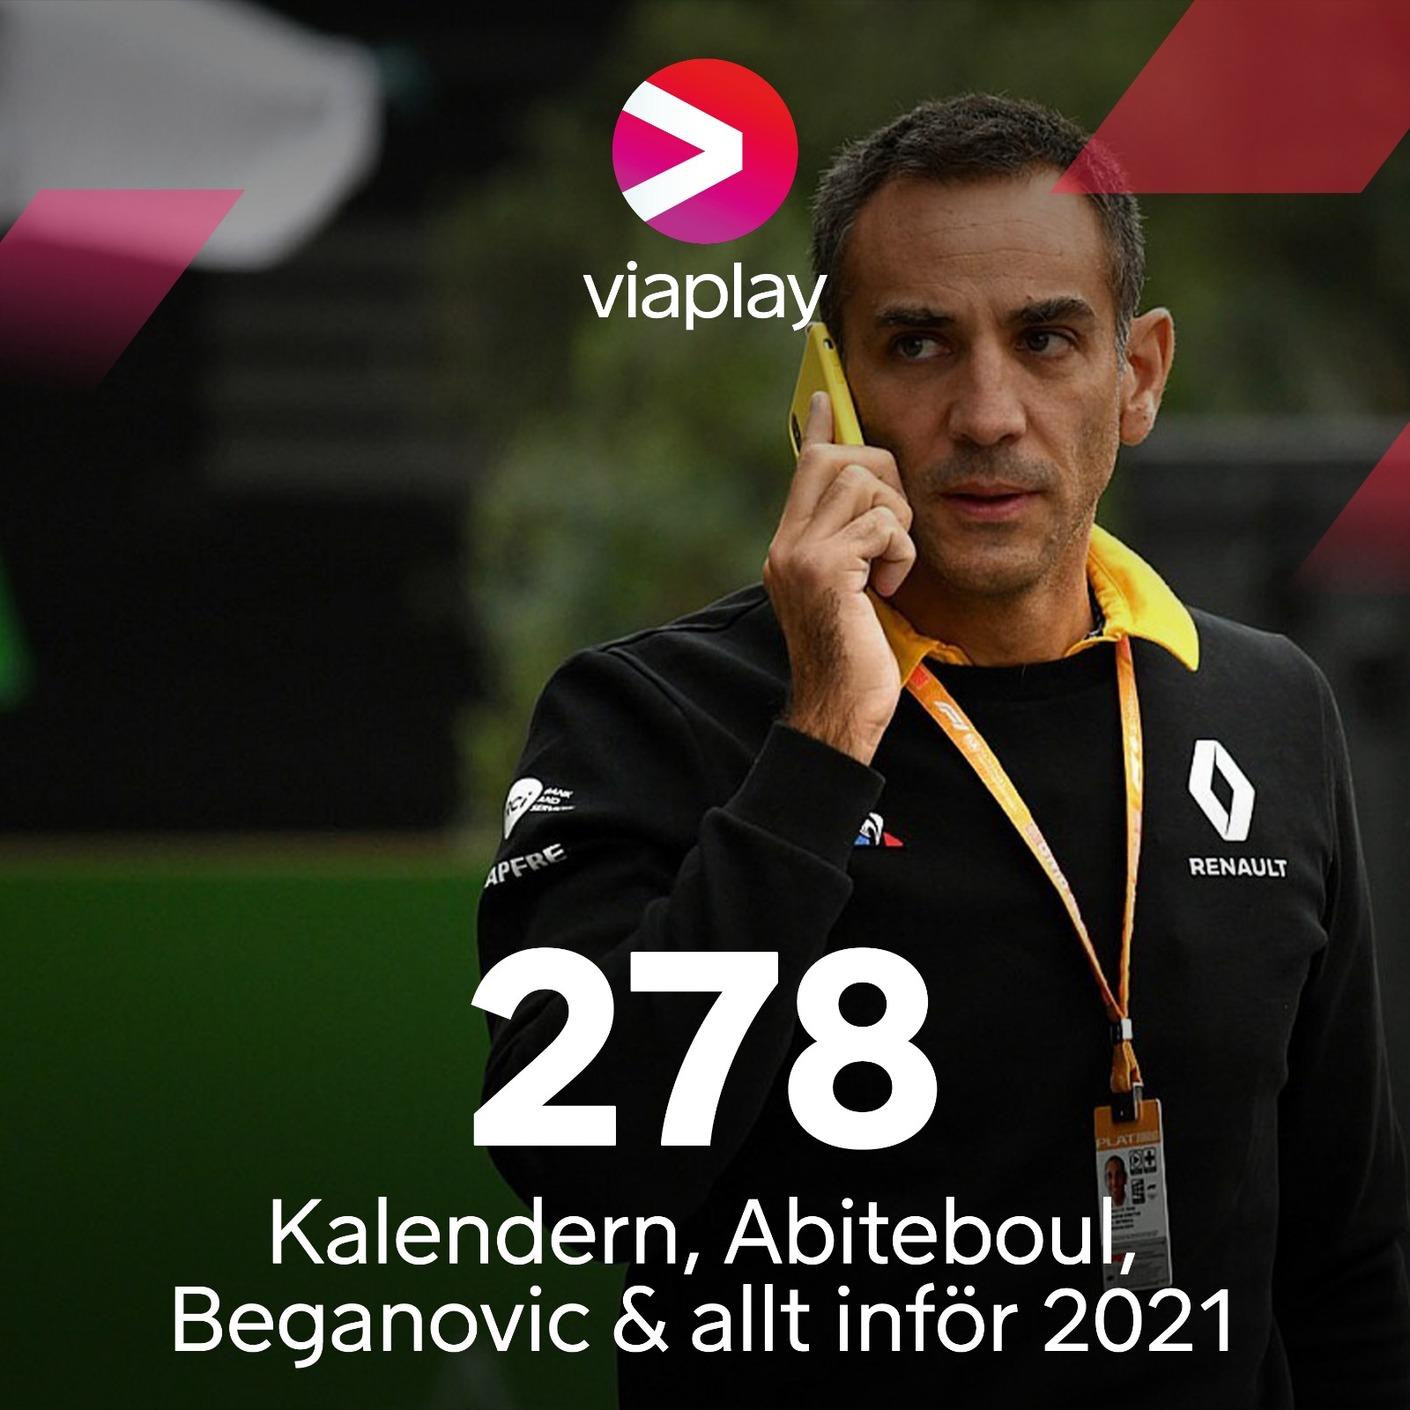 278. Kalendern, Abiteboul, Beganovic & allt inför 2021